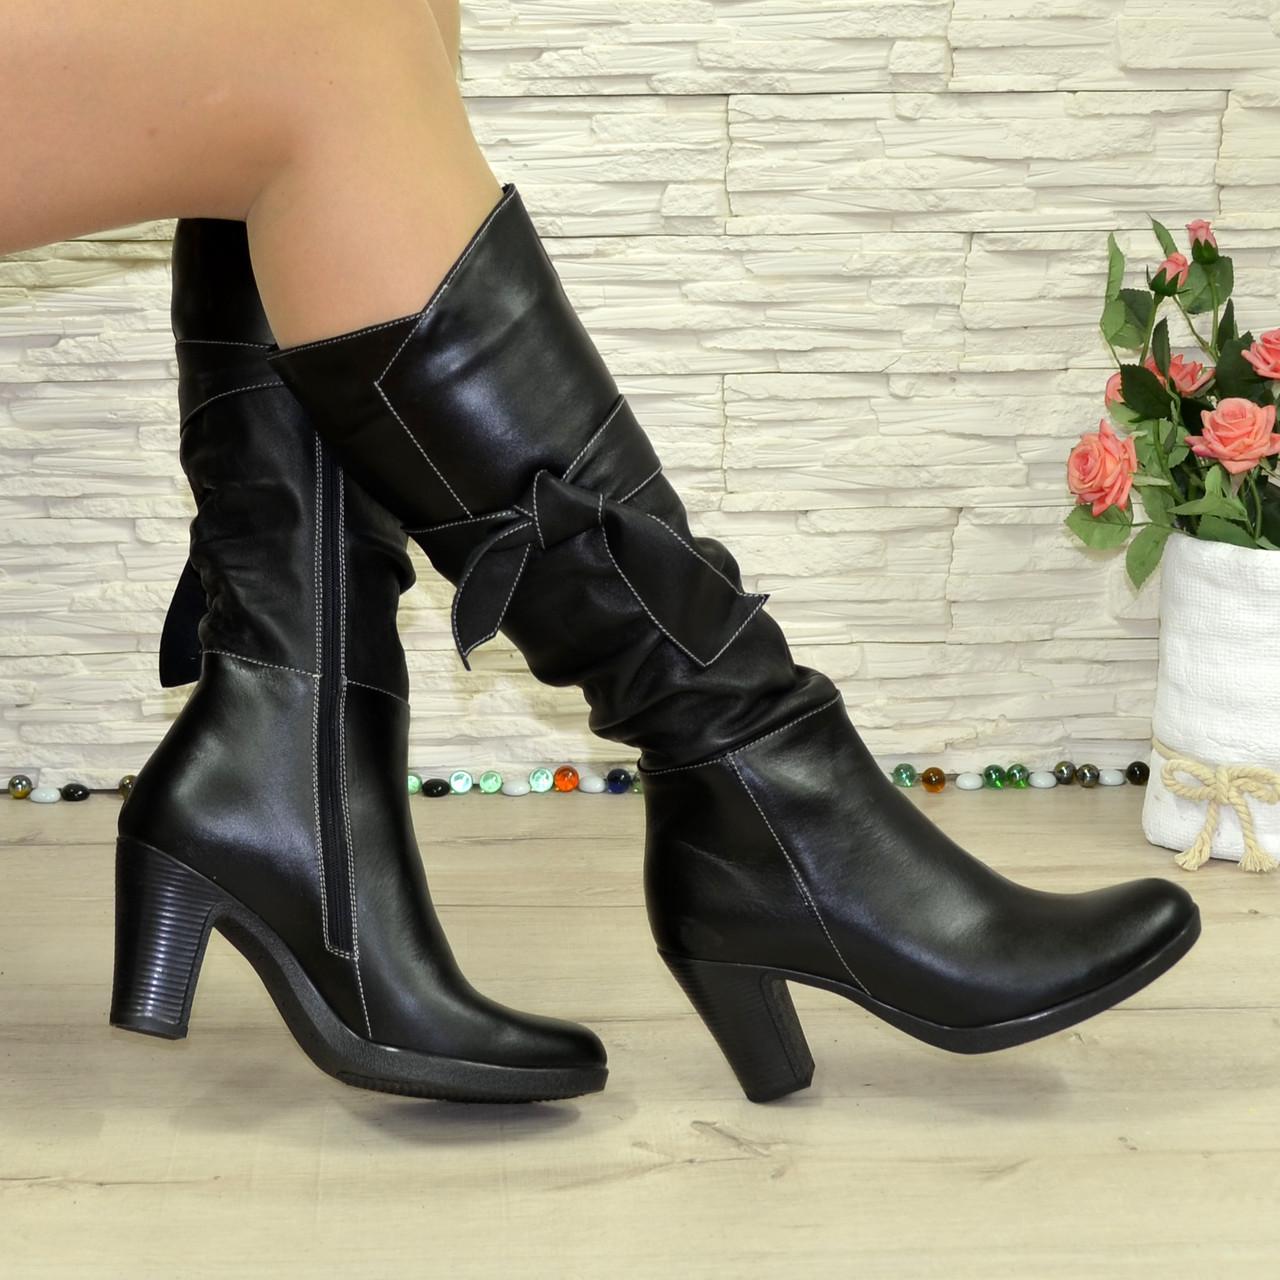 Женские кожаные зимние сапоги на высоком каблуке. В наличии 41 размер